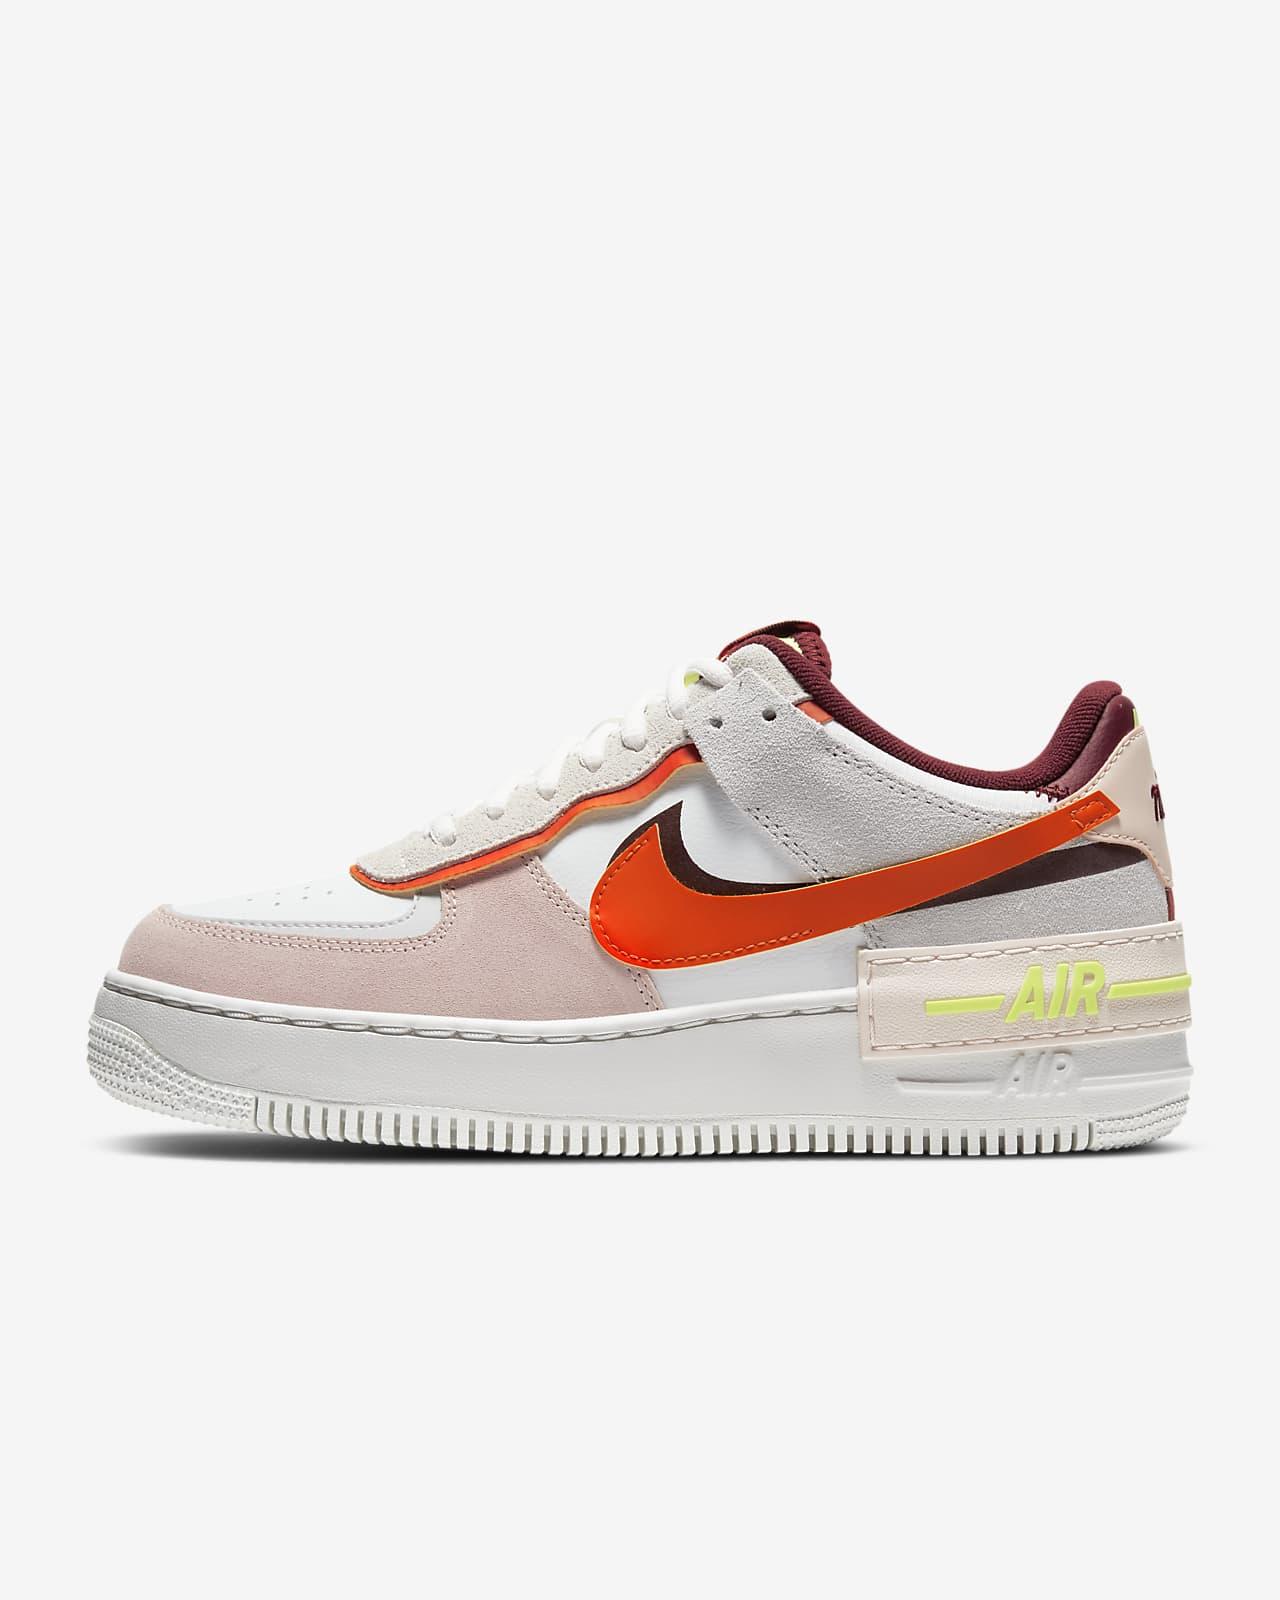 Nike Air Force 1 Shadow Women S Shoe Nike Gb Nike nike air force 1 brown trainers for women. nike air force 1 shadow women s shoe